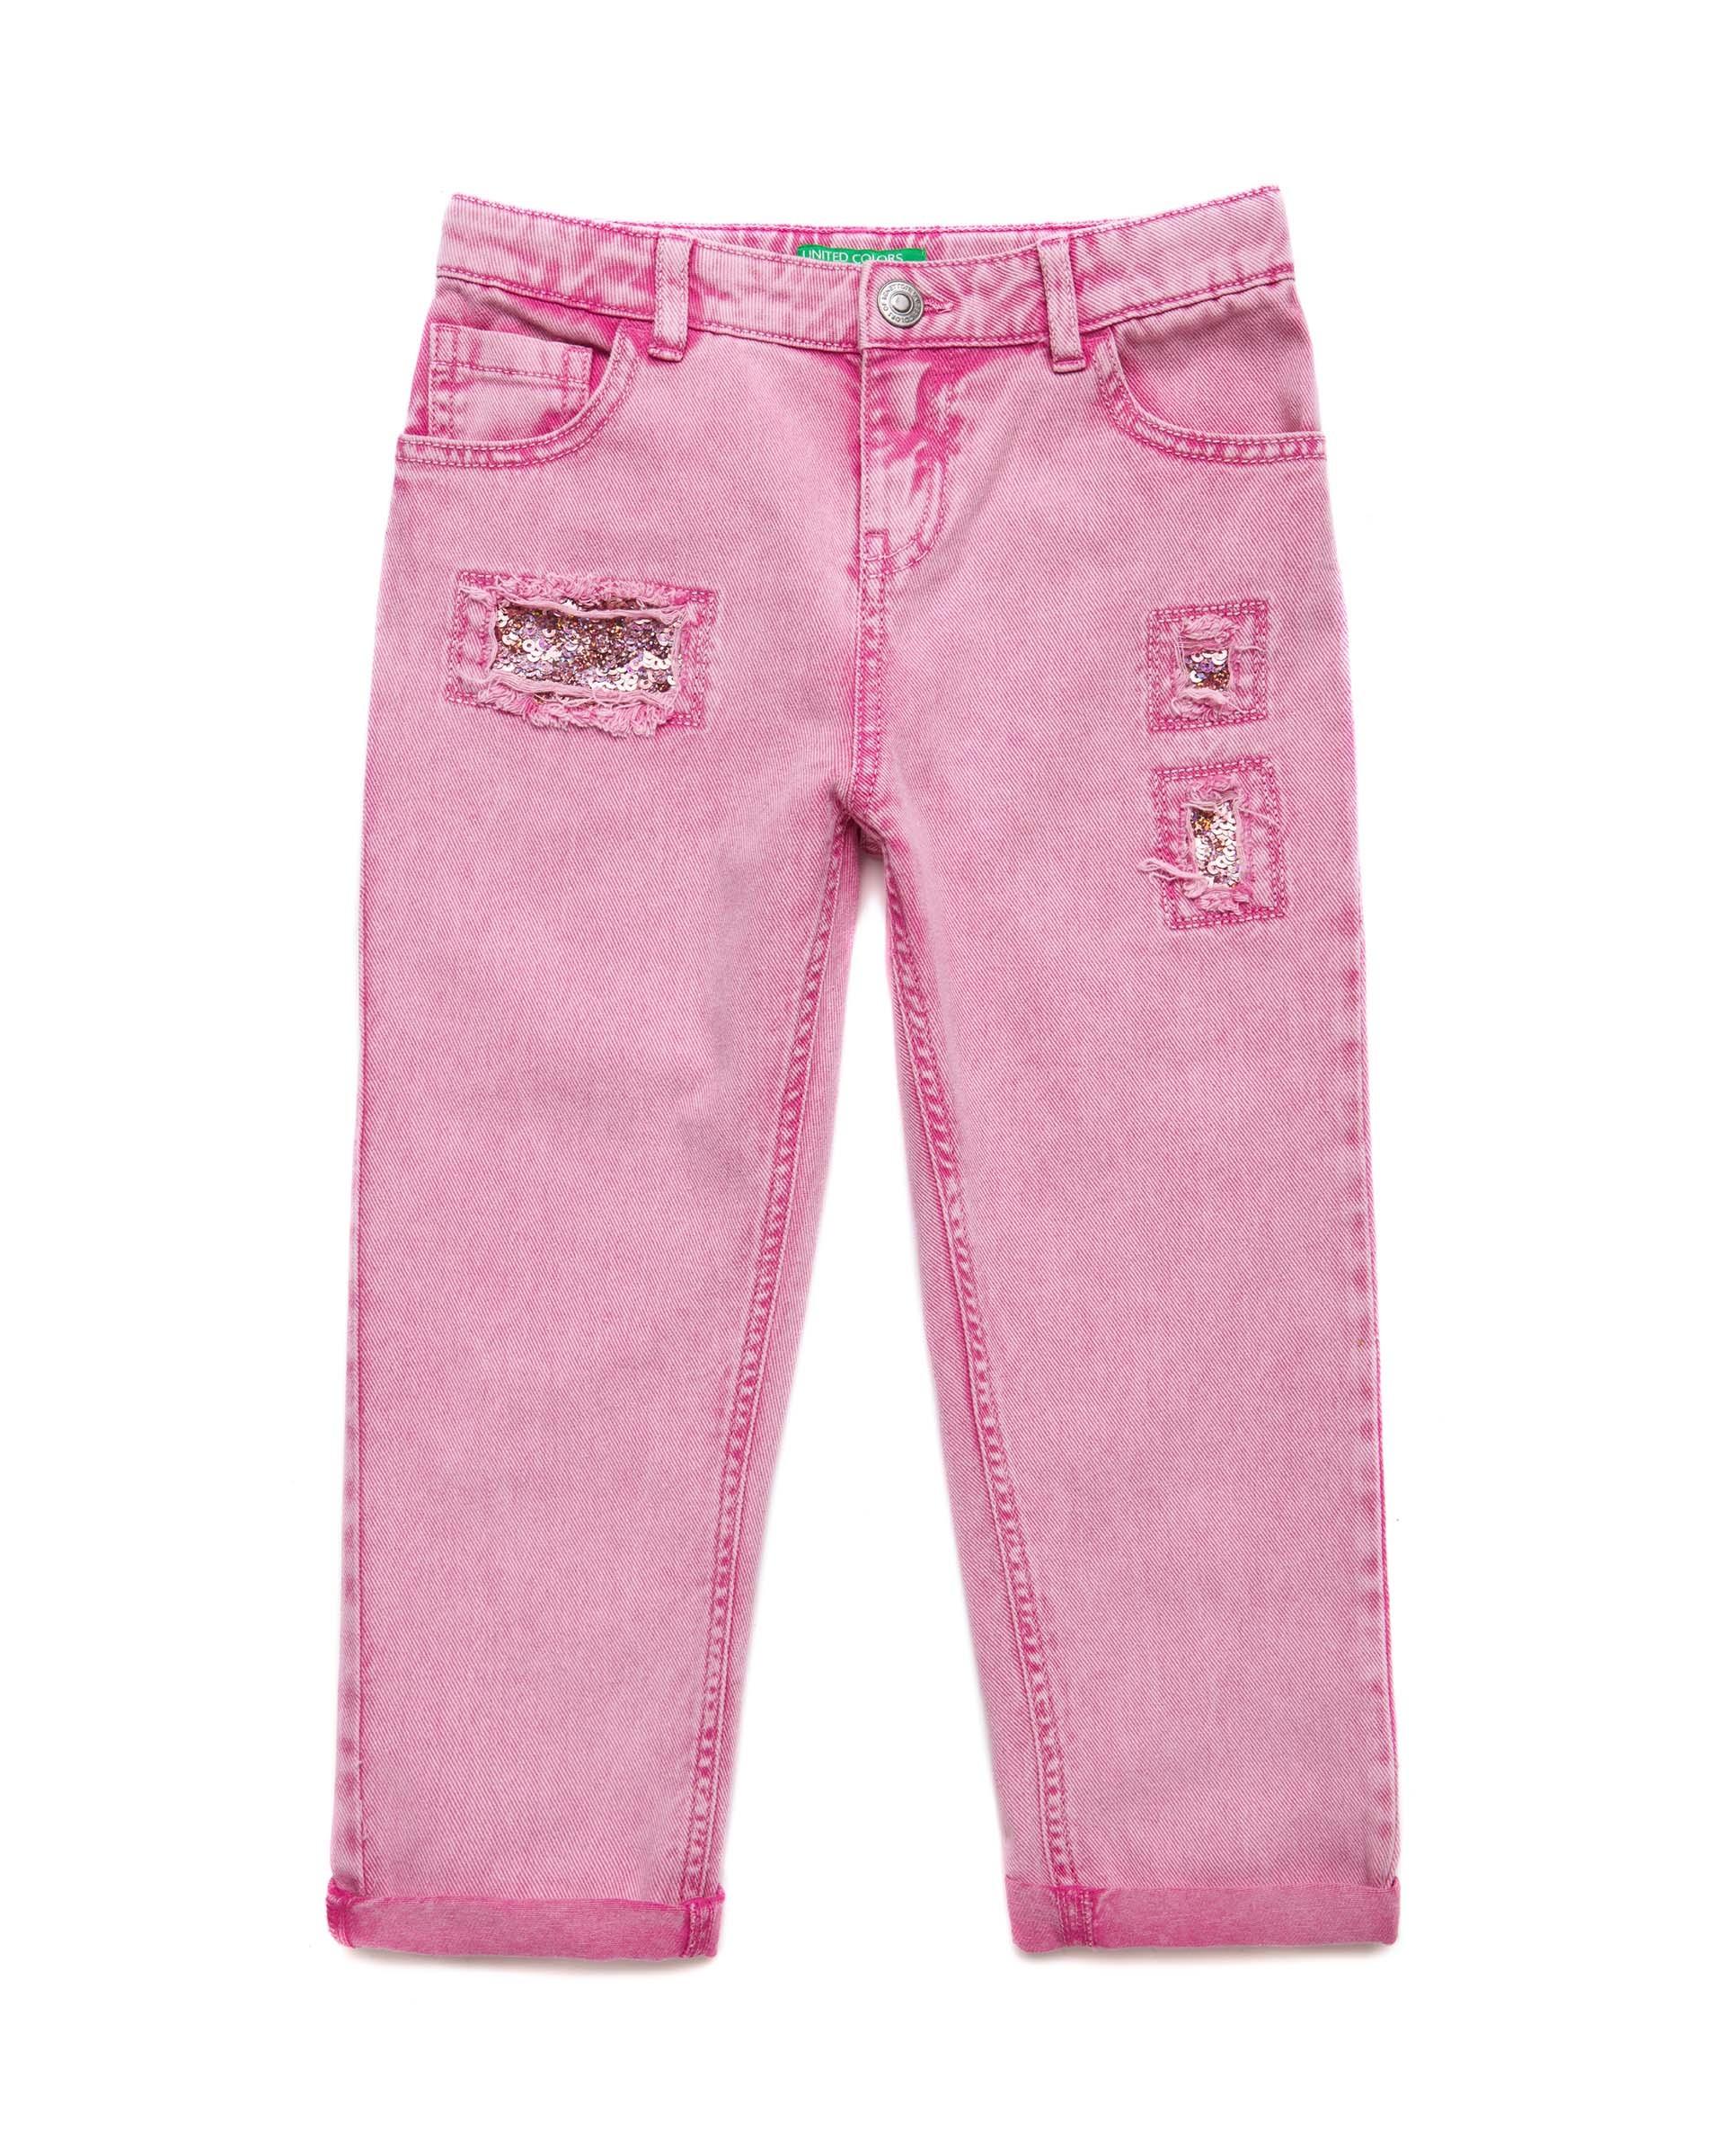 Купить 20P_4PL355B60_901, Брюки для девочек Benetton 4PL355B60_901 р-р 152, United Colors of Benetton, Джинсы для девочек